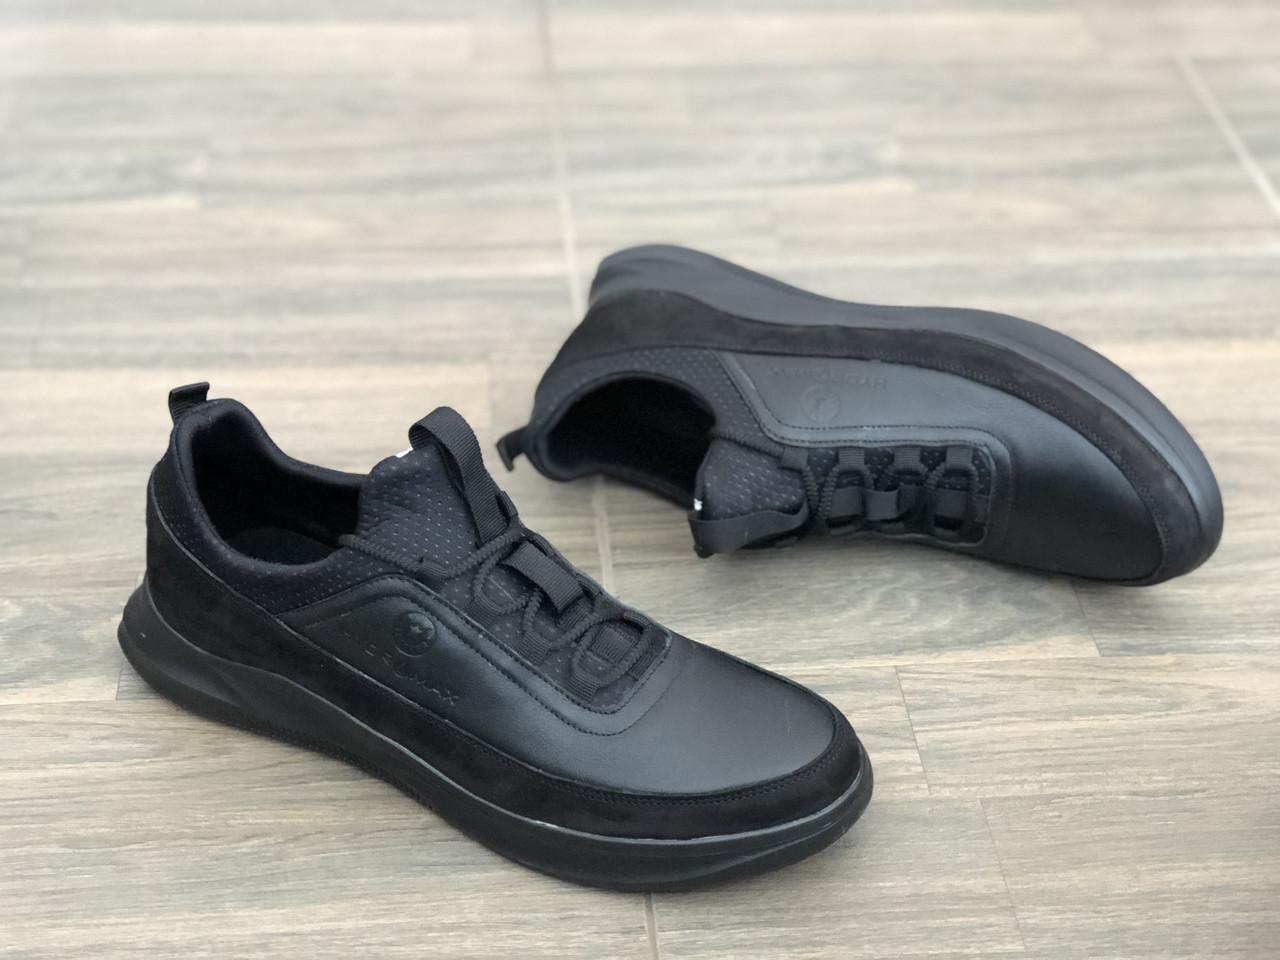 Кожаные мужские кроссовки Extrem 1329 ч/к размеры 40,42,43,44,45